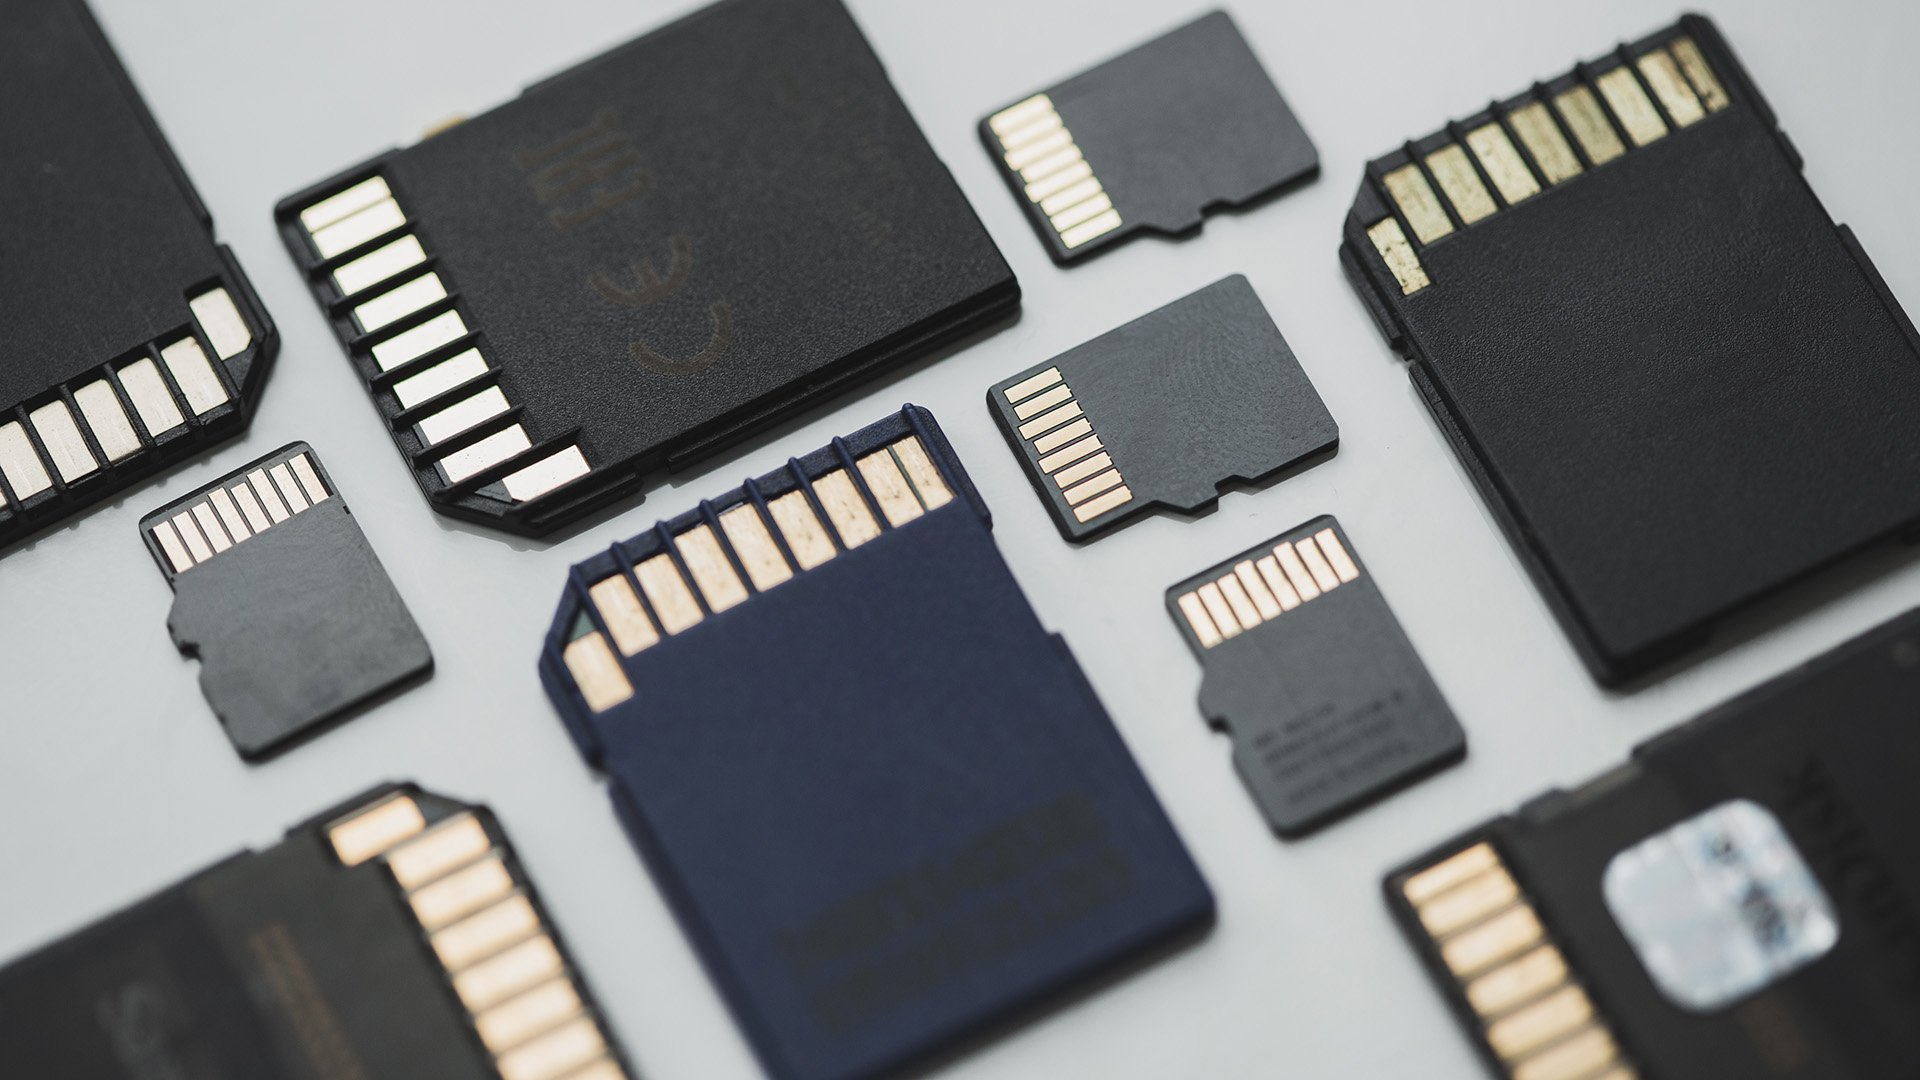 microSD-Karte Beschädigt? So rettet Ihr Eure Daten und Bilder!